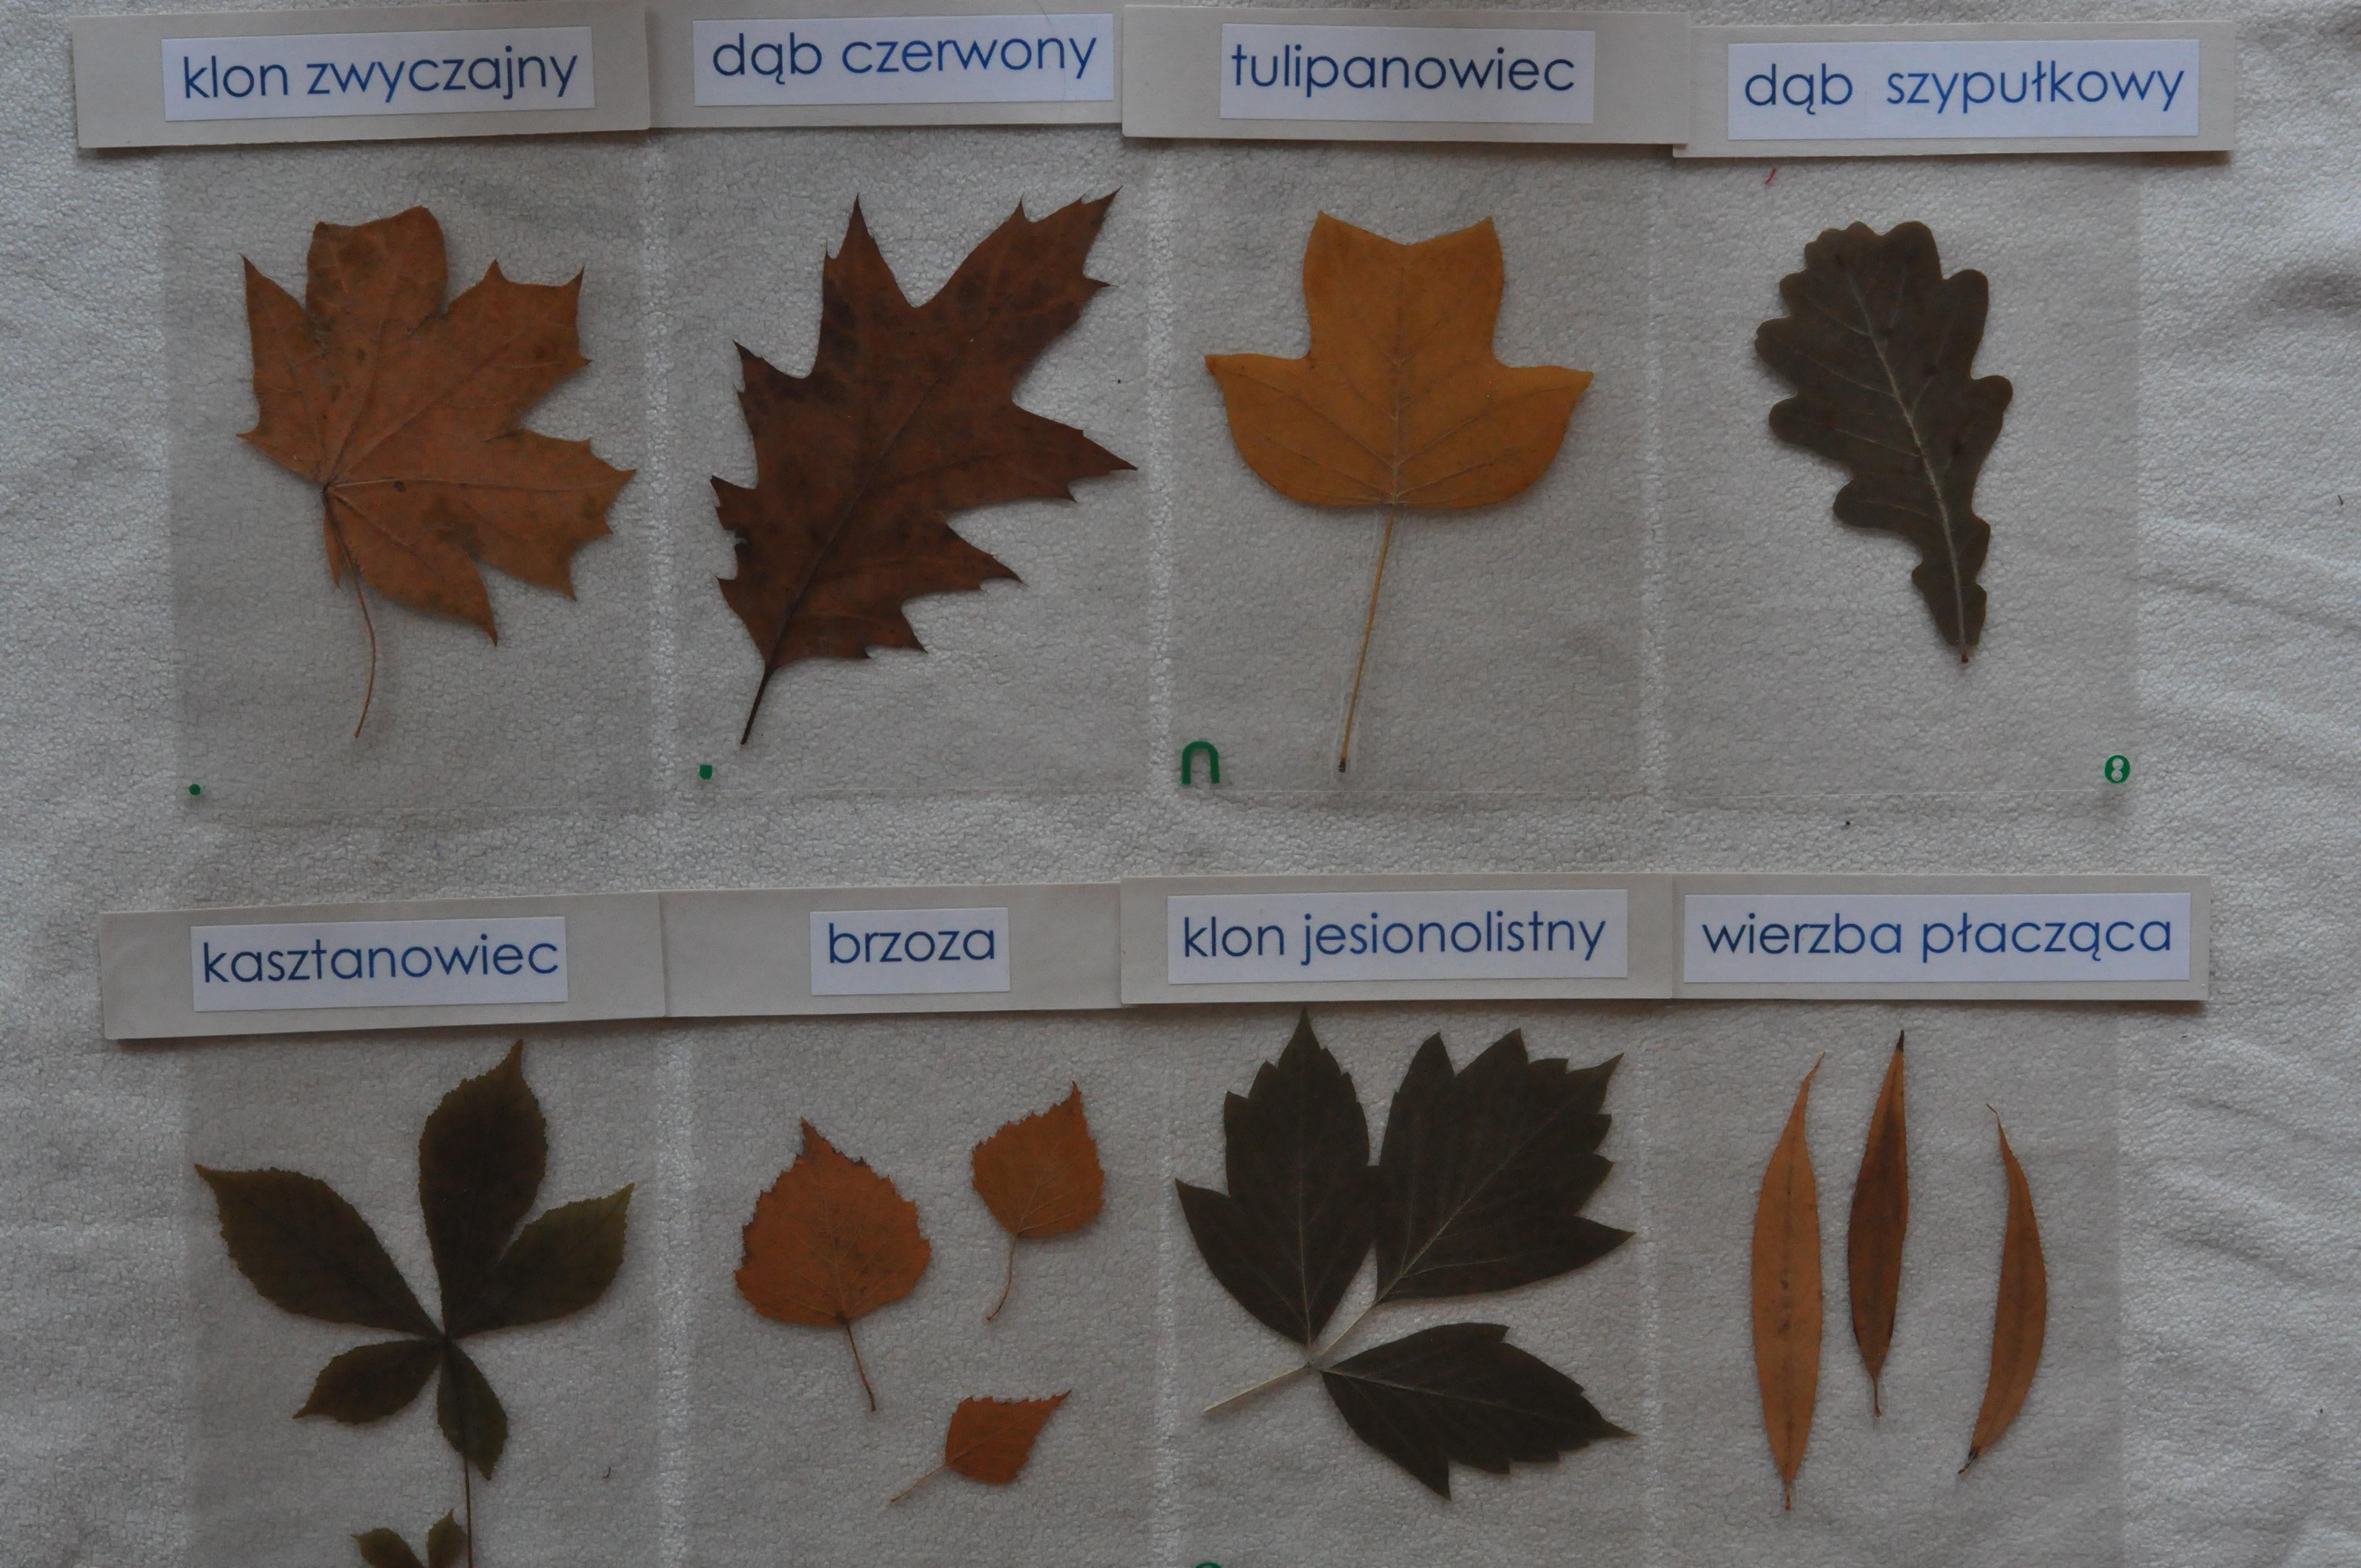 Zalaminowane liście drzew